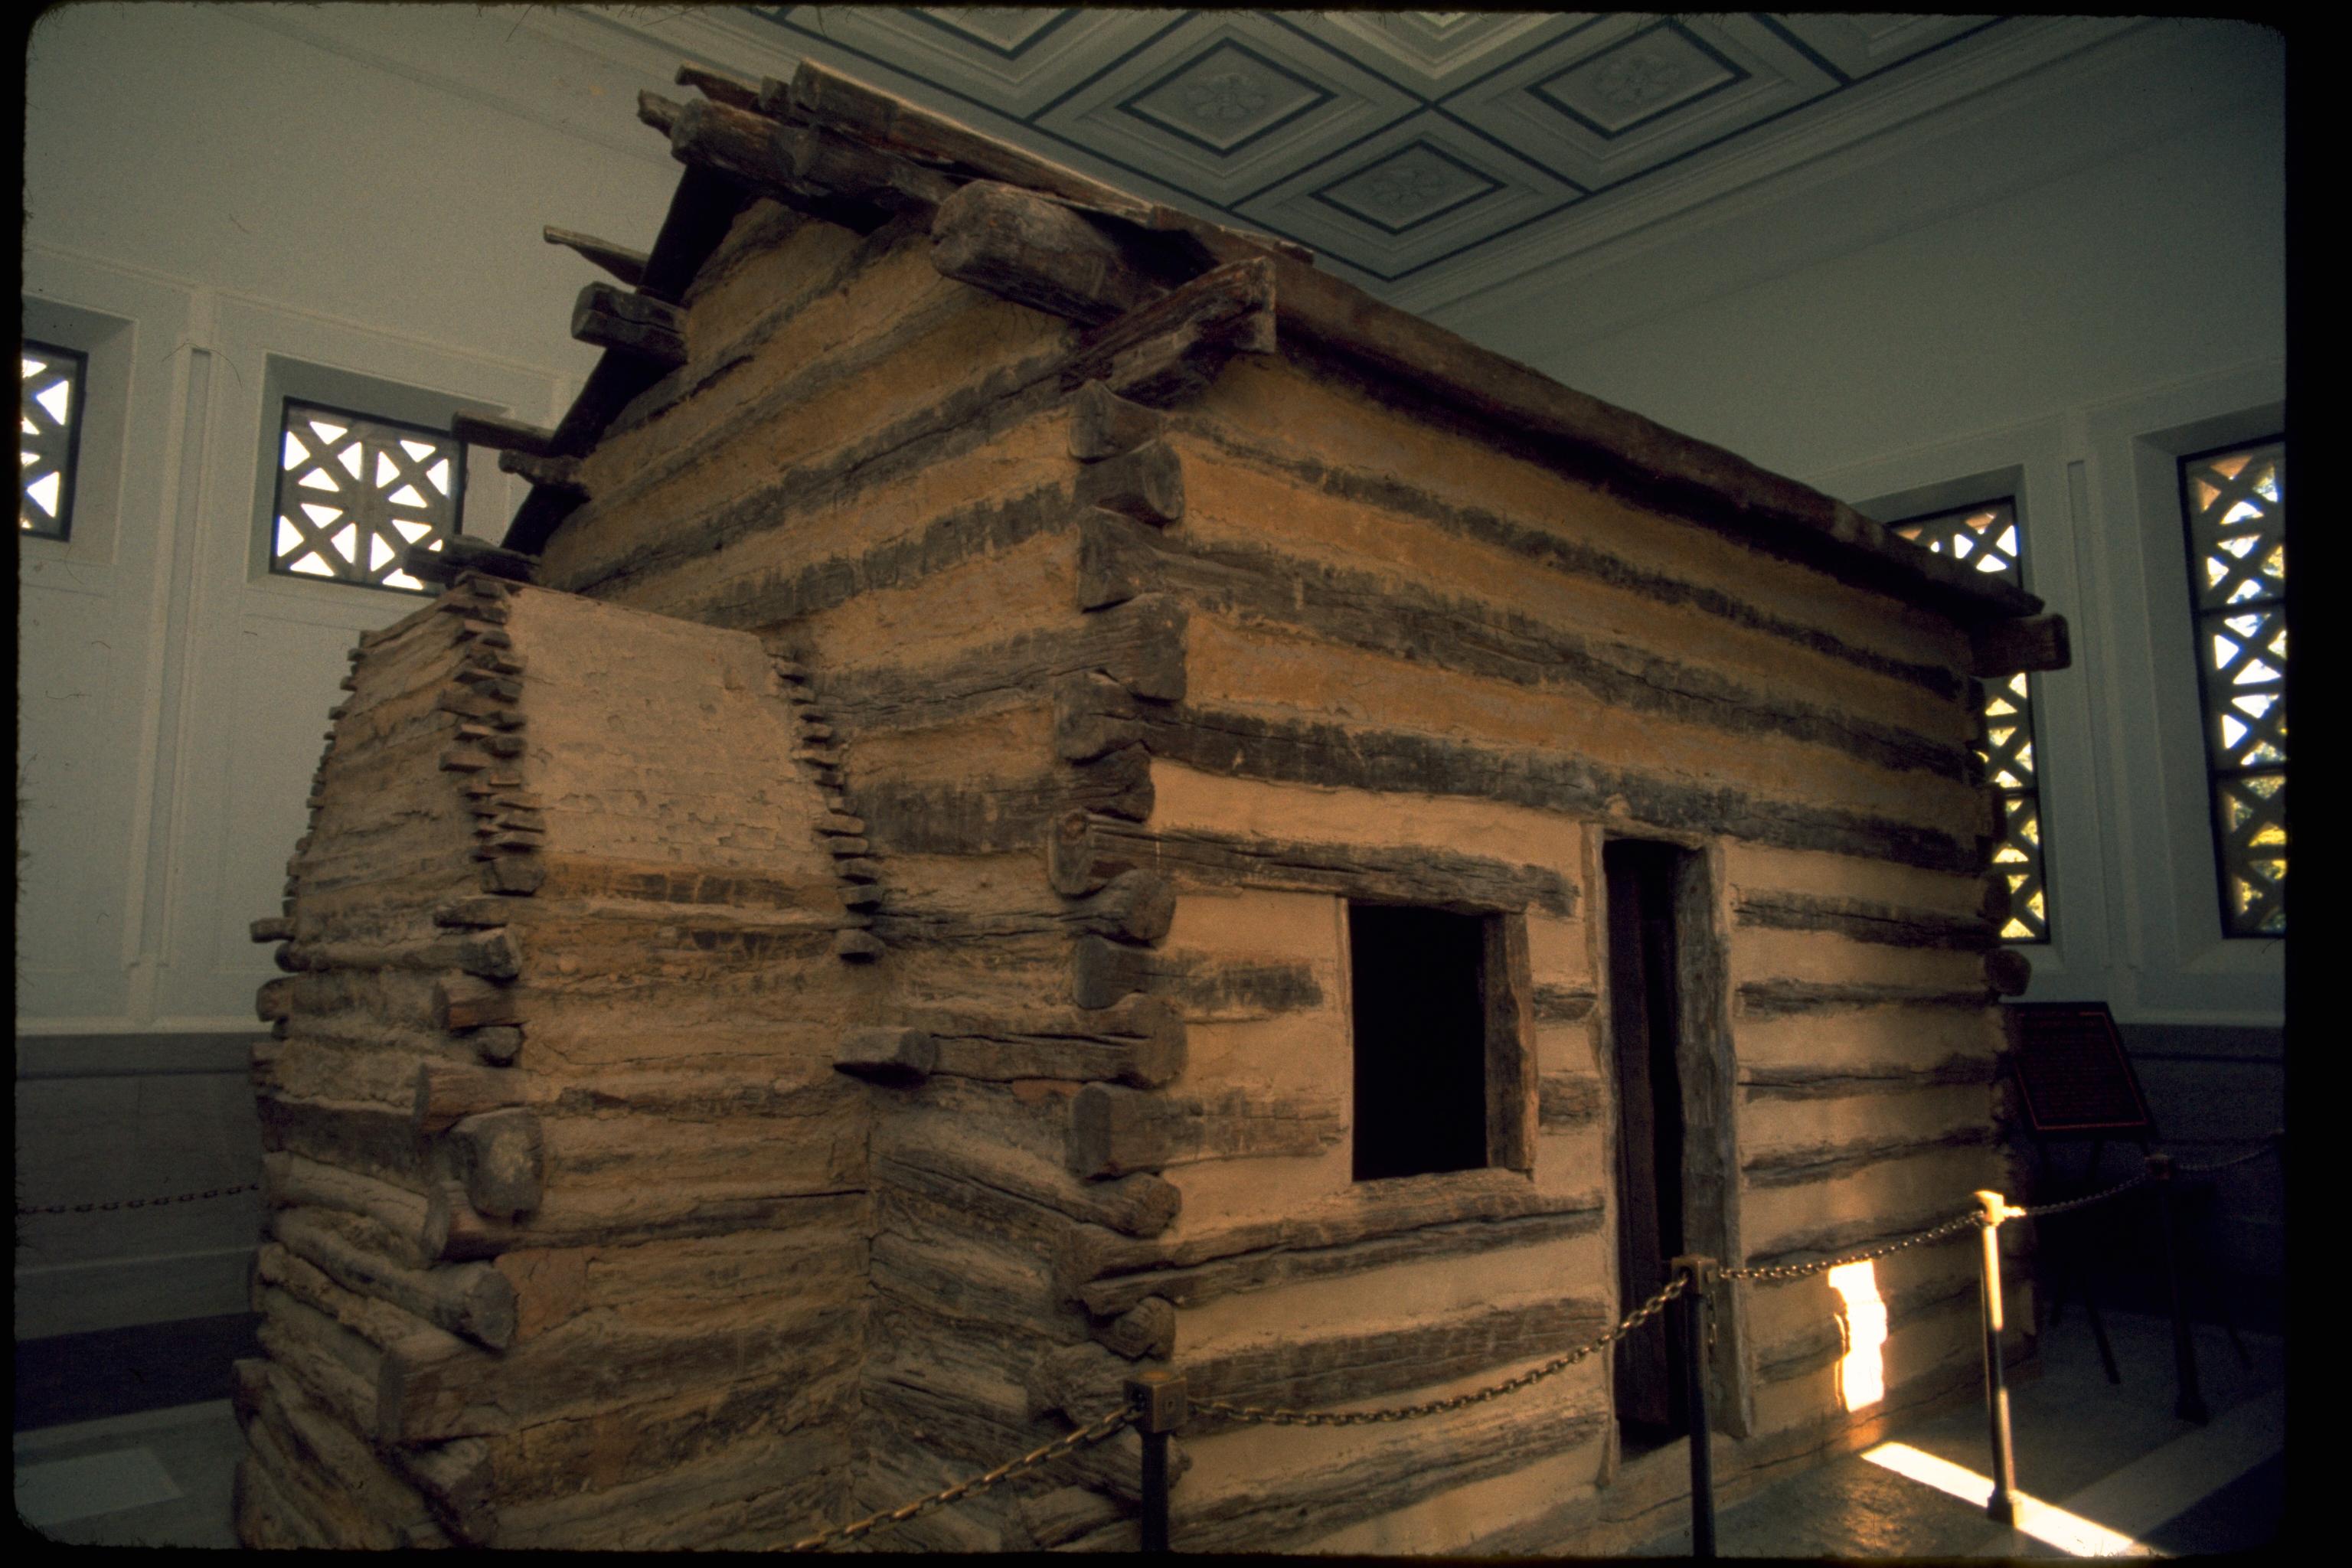 Изба, в которой родился Линкольн